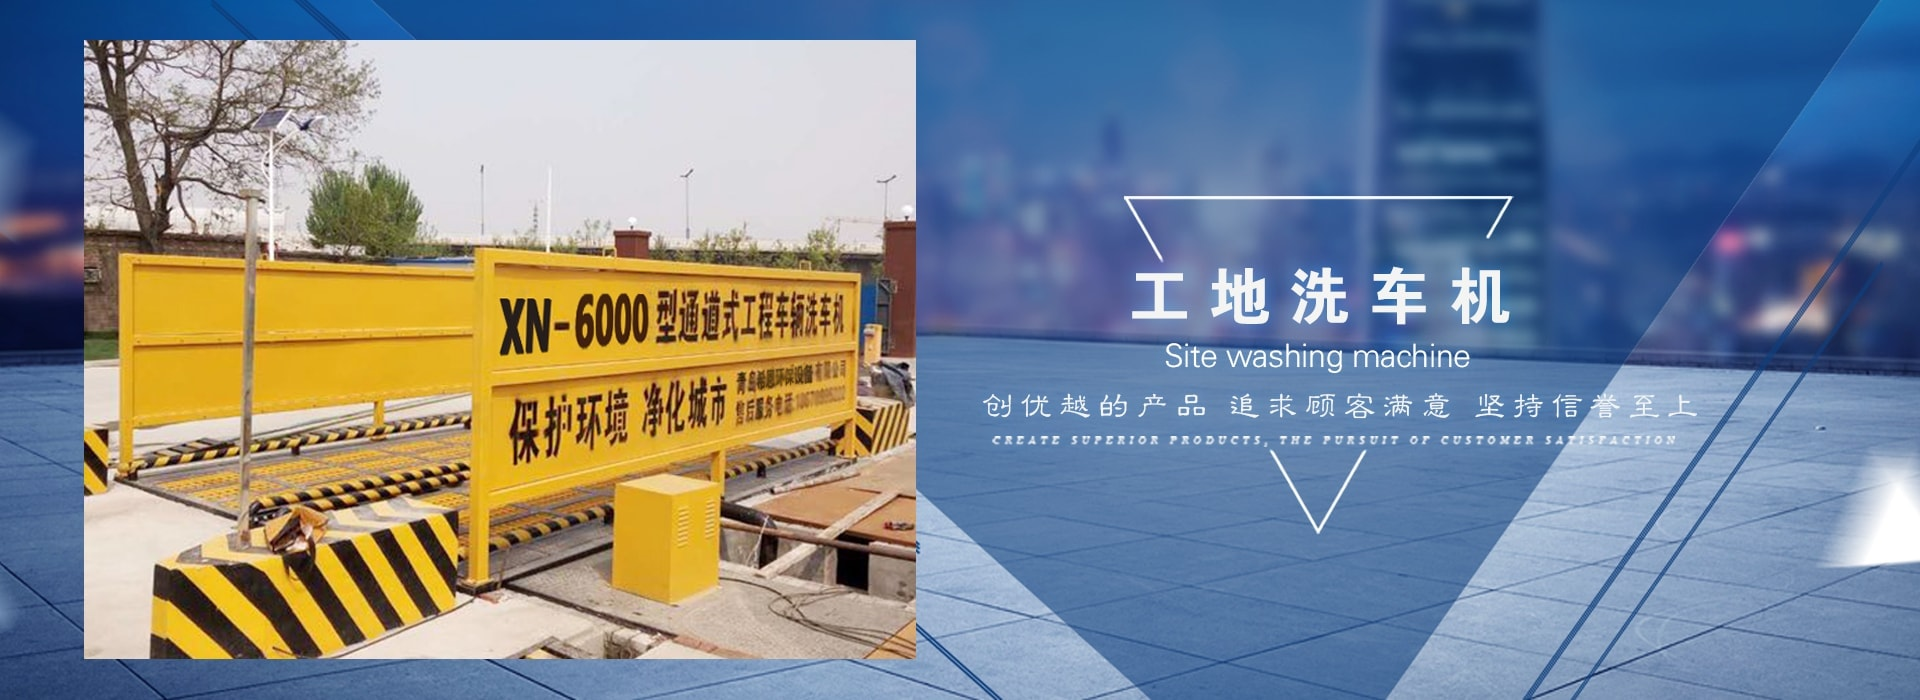 煤厂洗车机,矿山洗车机,建筑工地洗车机,工地洗车机--青岛希恩环保设备有限公司